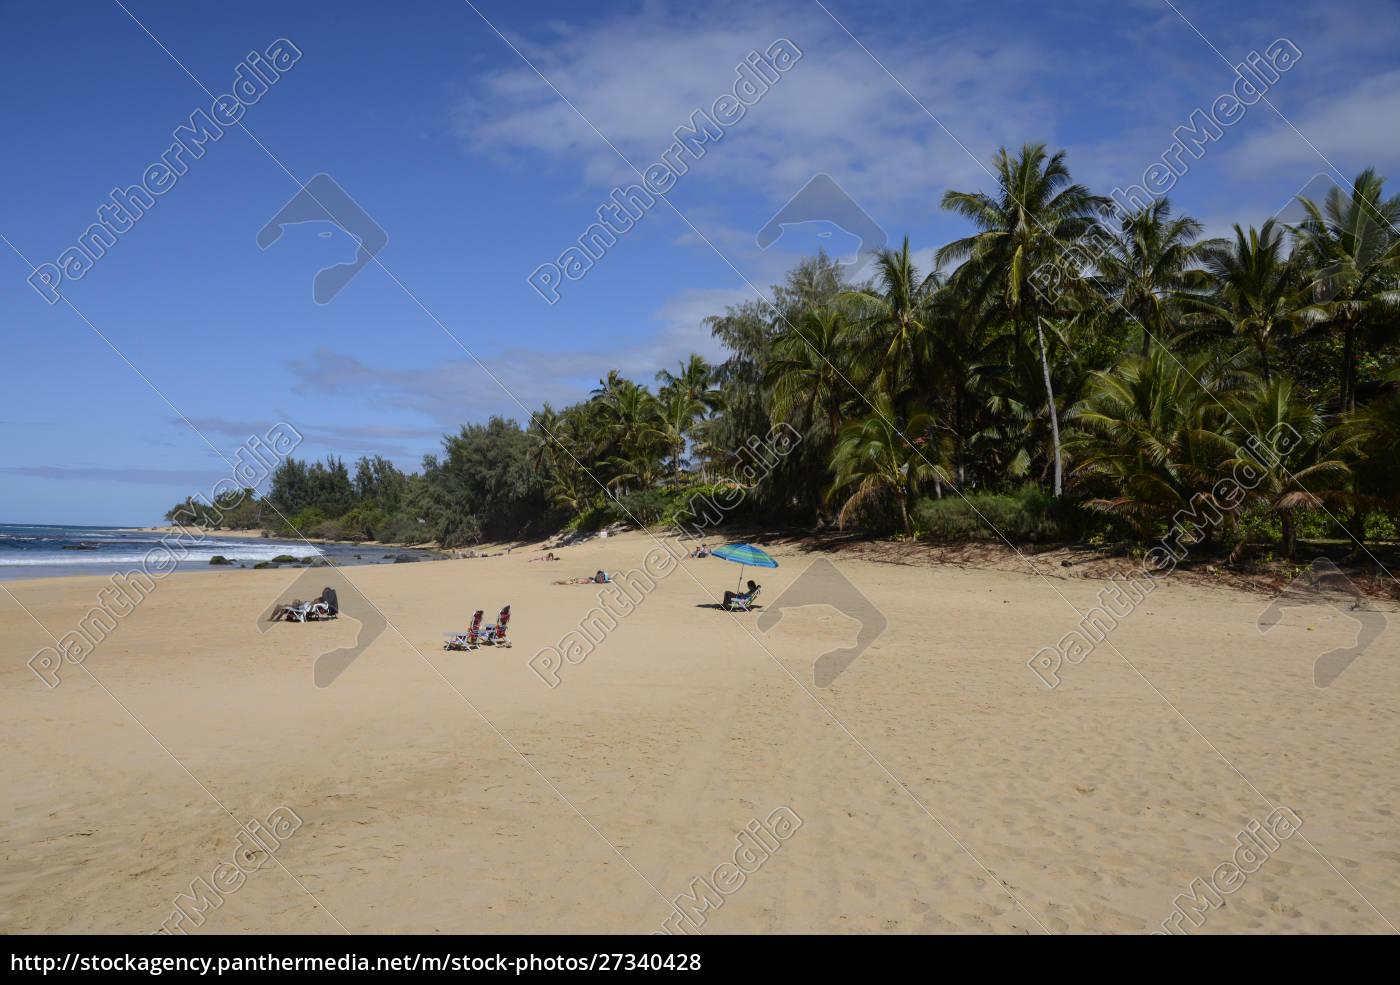 sunbathers, no, parque, de, estado, de - 27340428